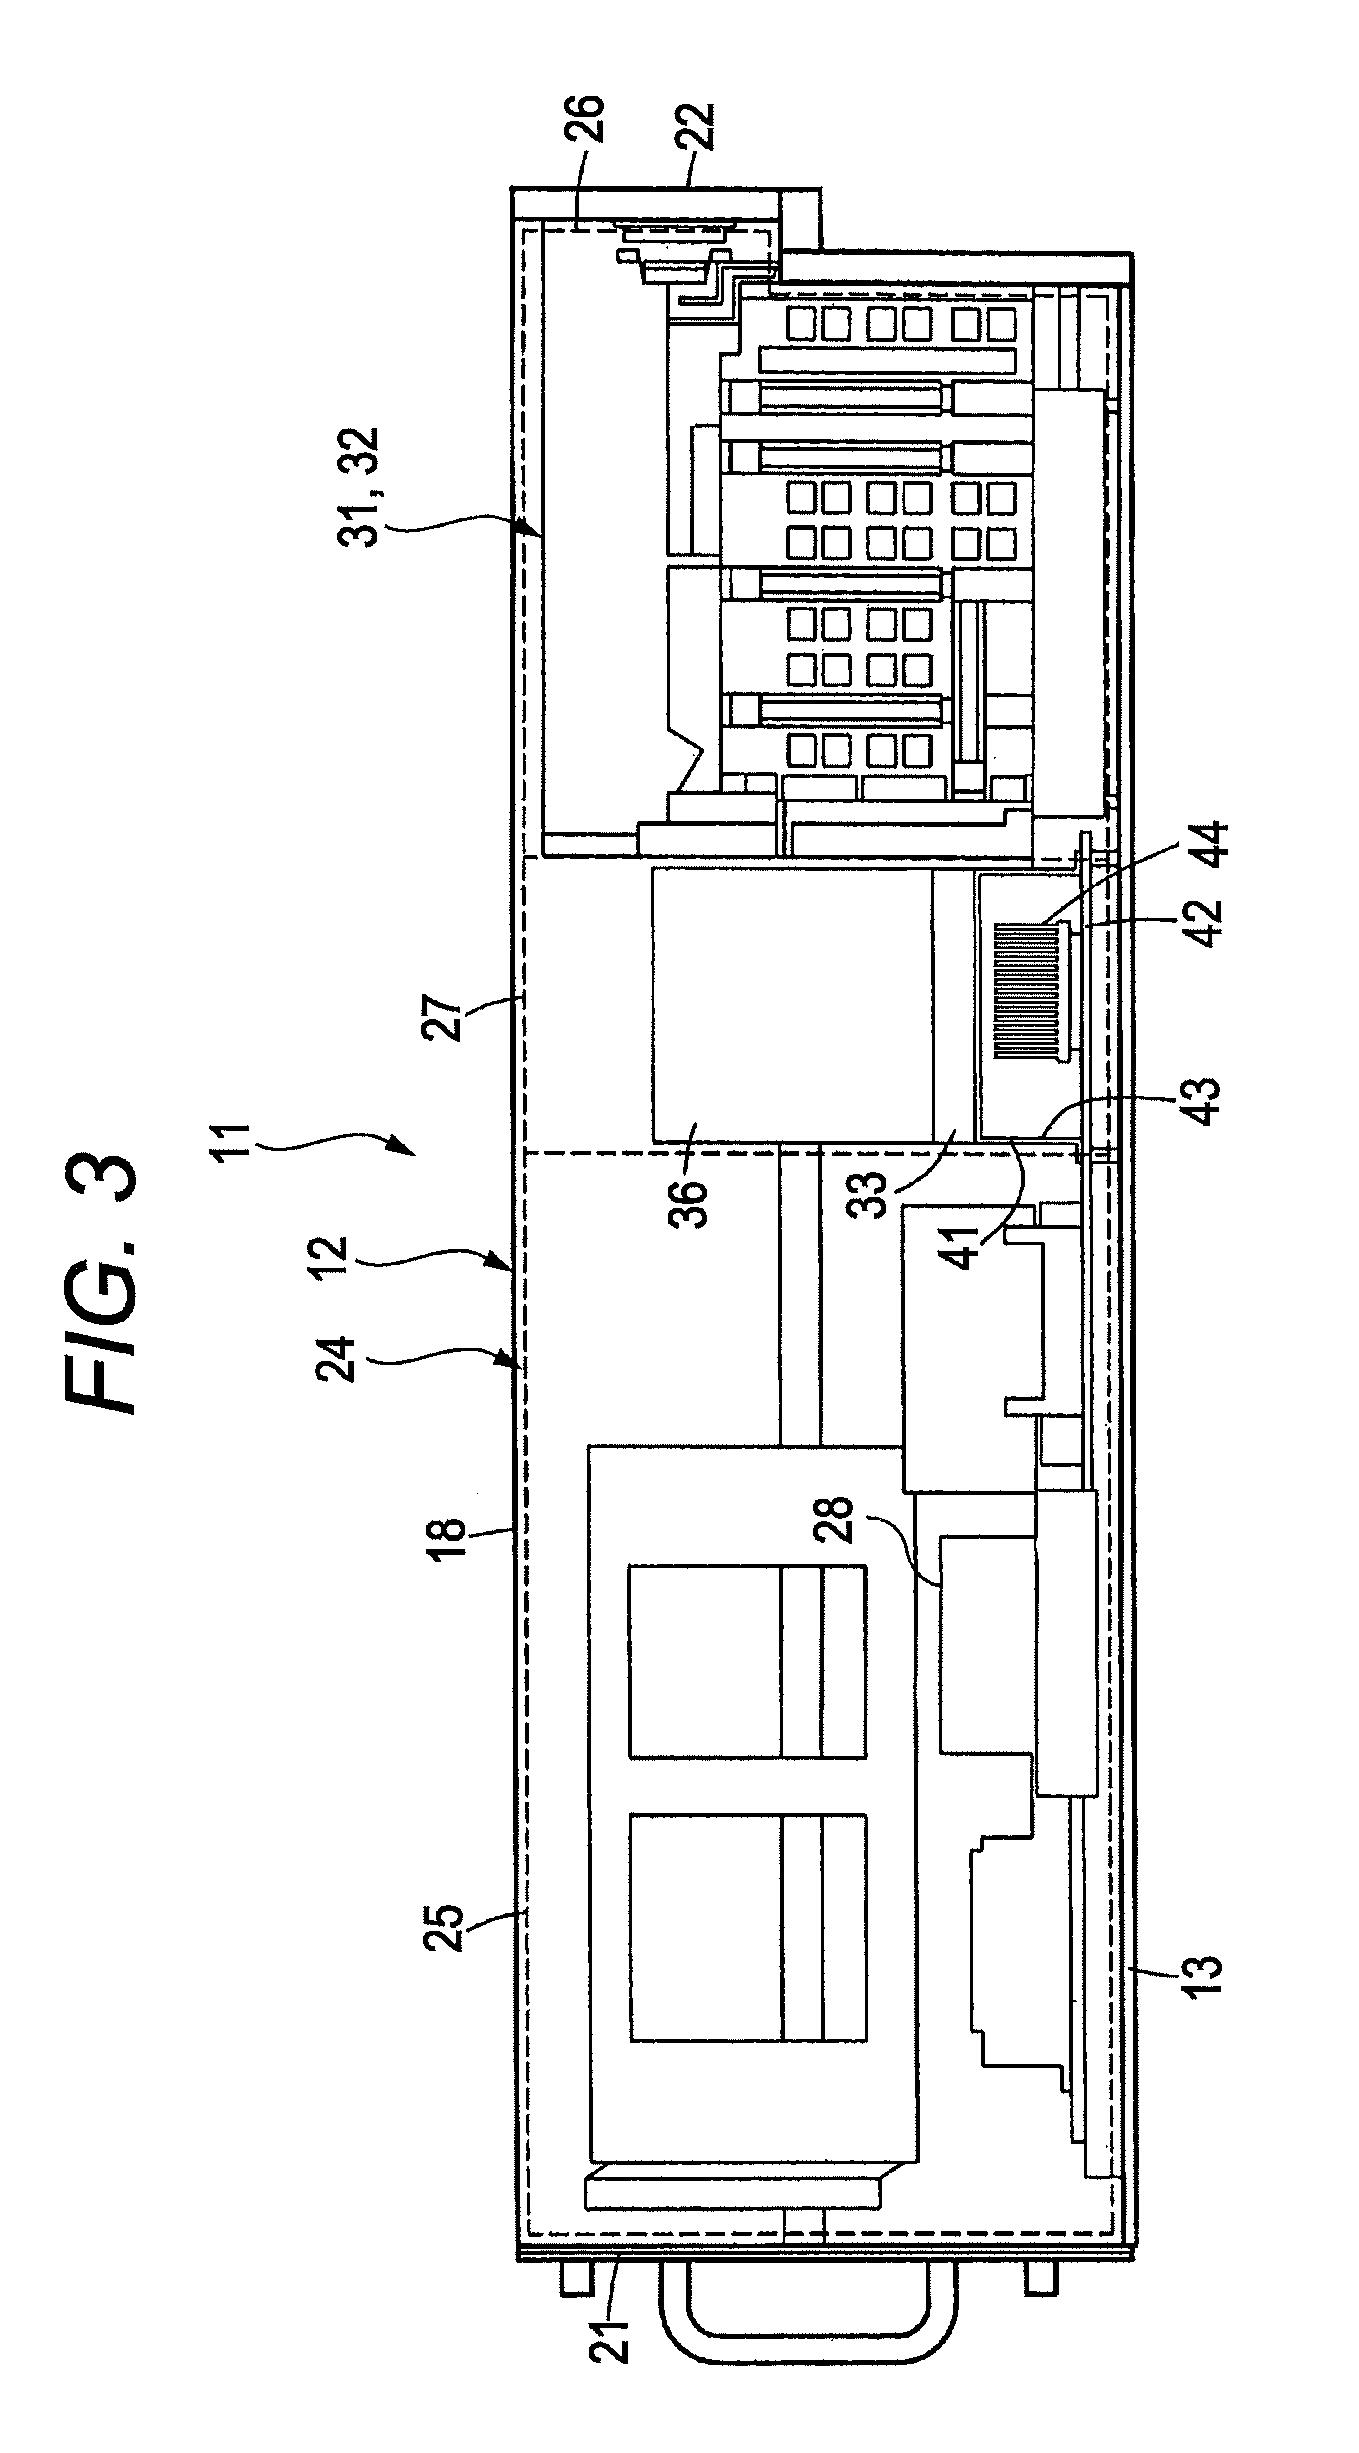 patent us7864523